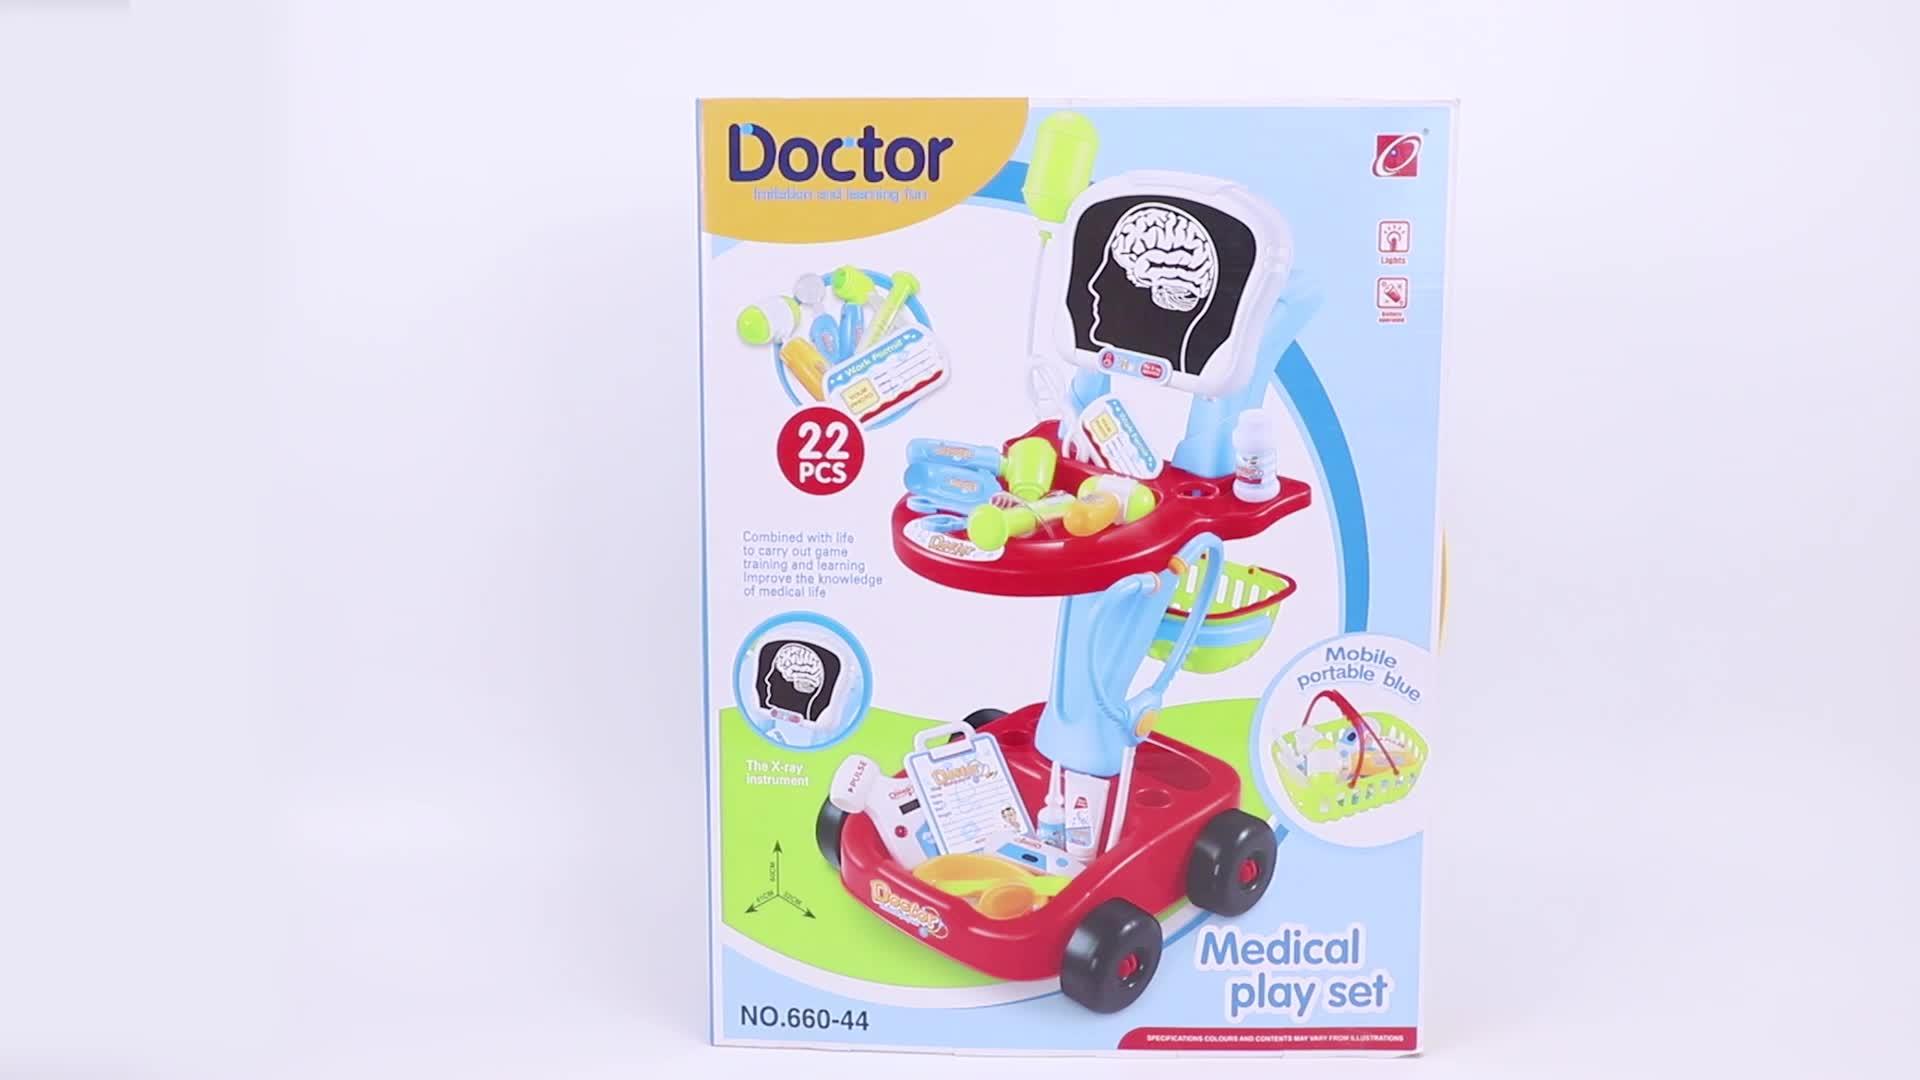 Hospital docente equipo juguete para bebé juego de rol médico Carro de juguete Kit médico estetoscopio Juguetes